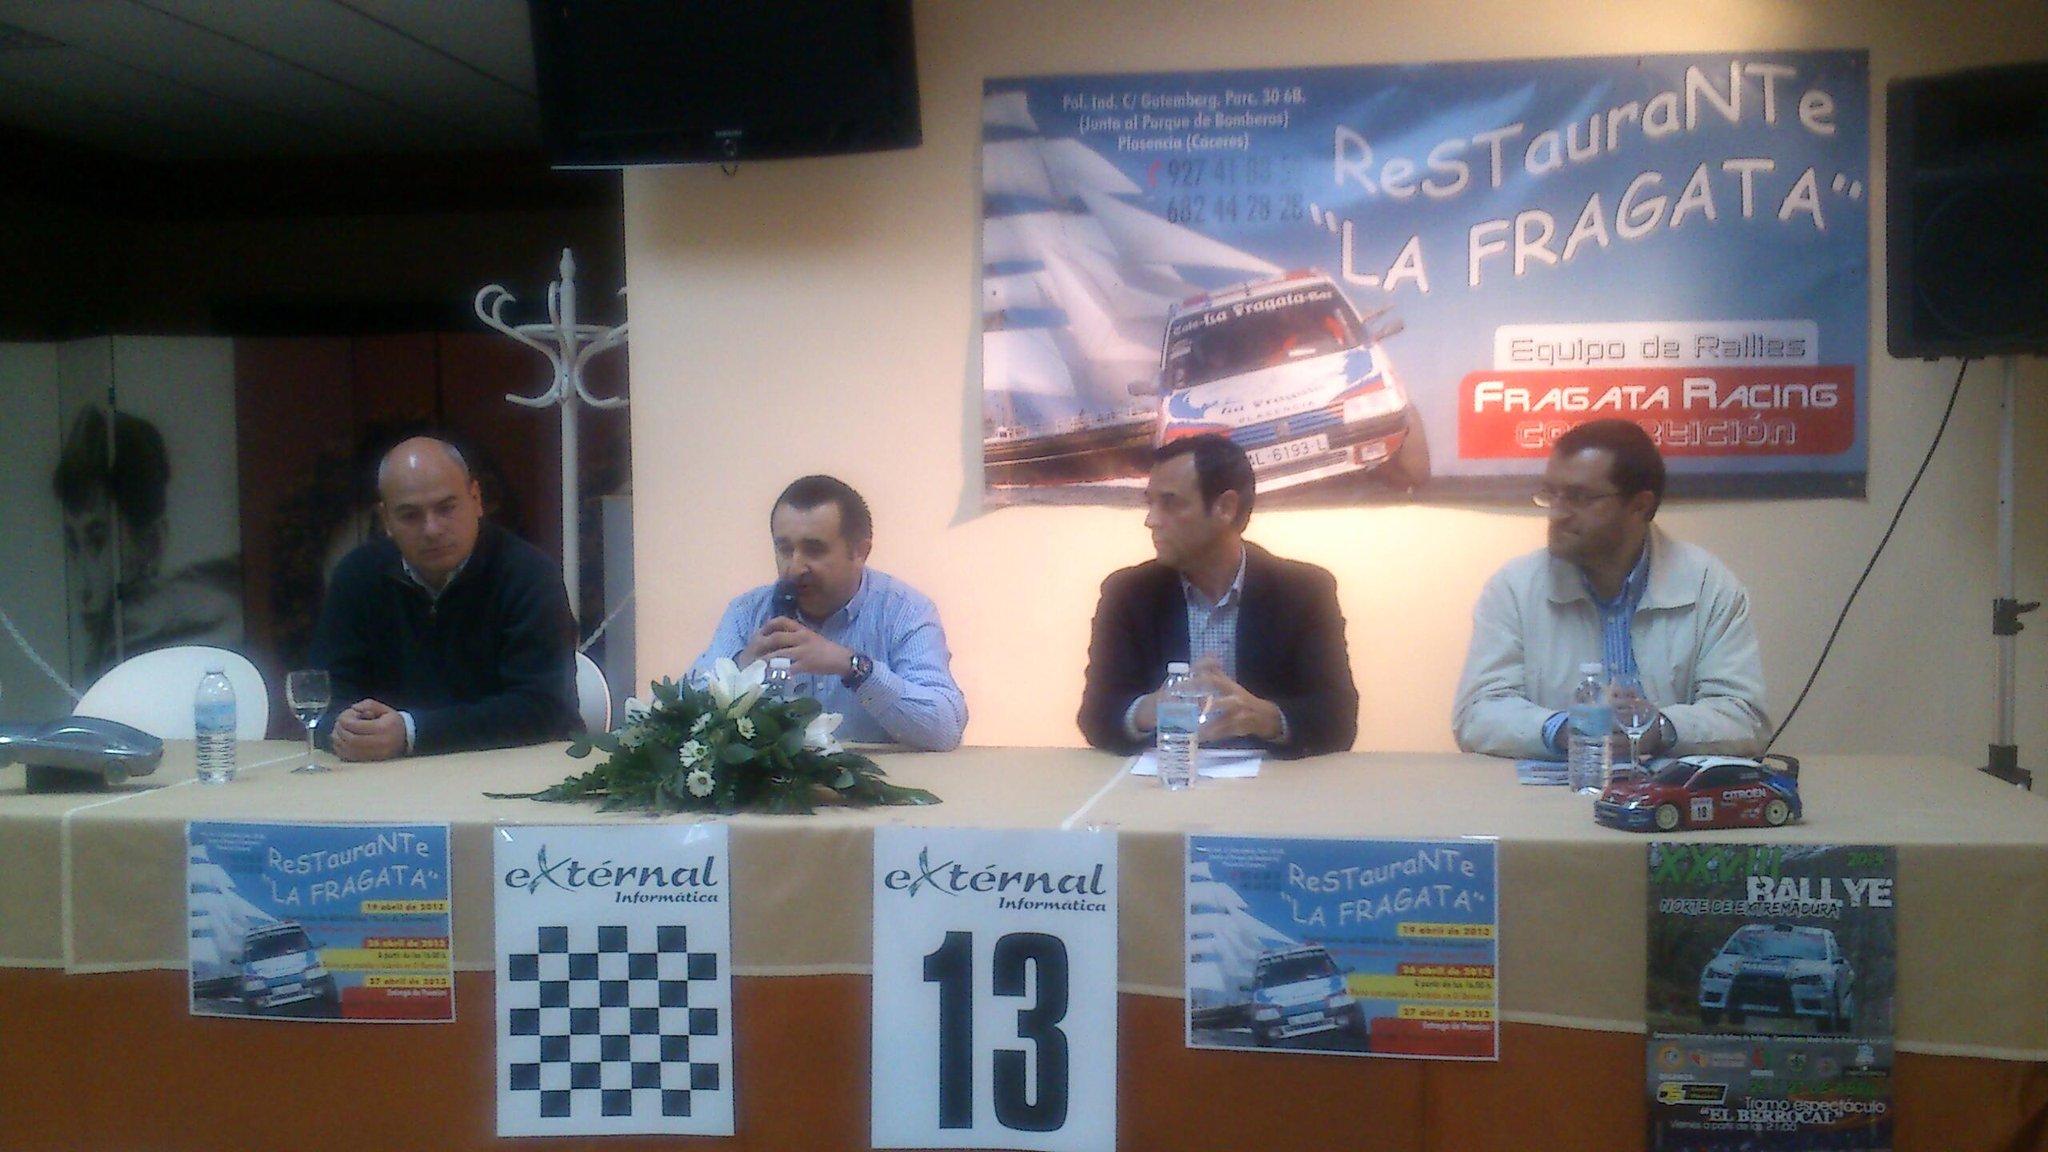 [EXTREMADURA] XXVIII Rallye Norte de Extremadura [26-27 Abril] - Página 5 BIPbG28CIAArwhJ